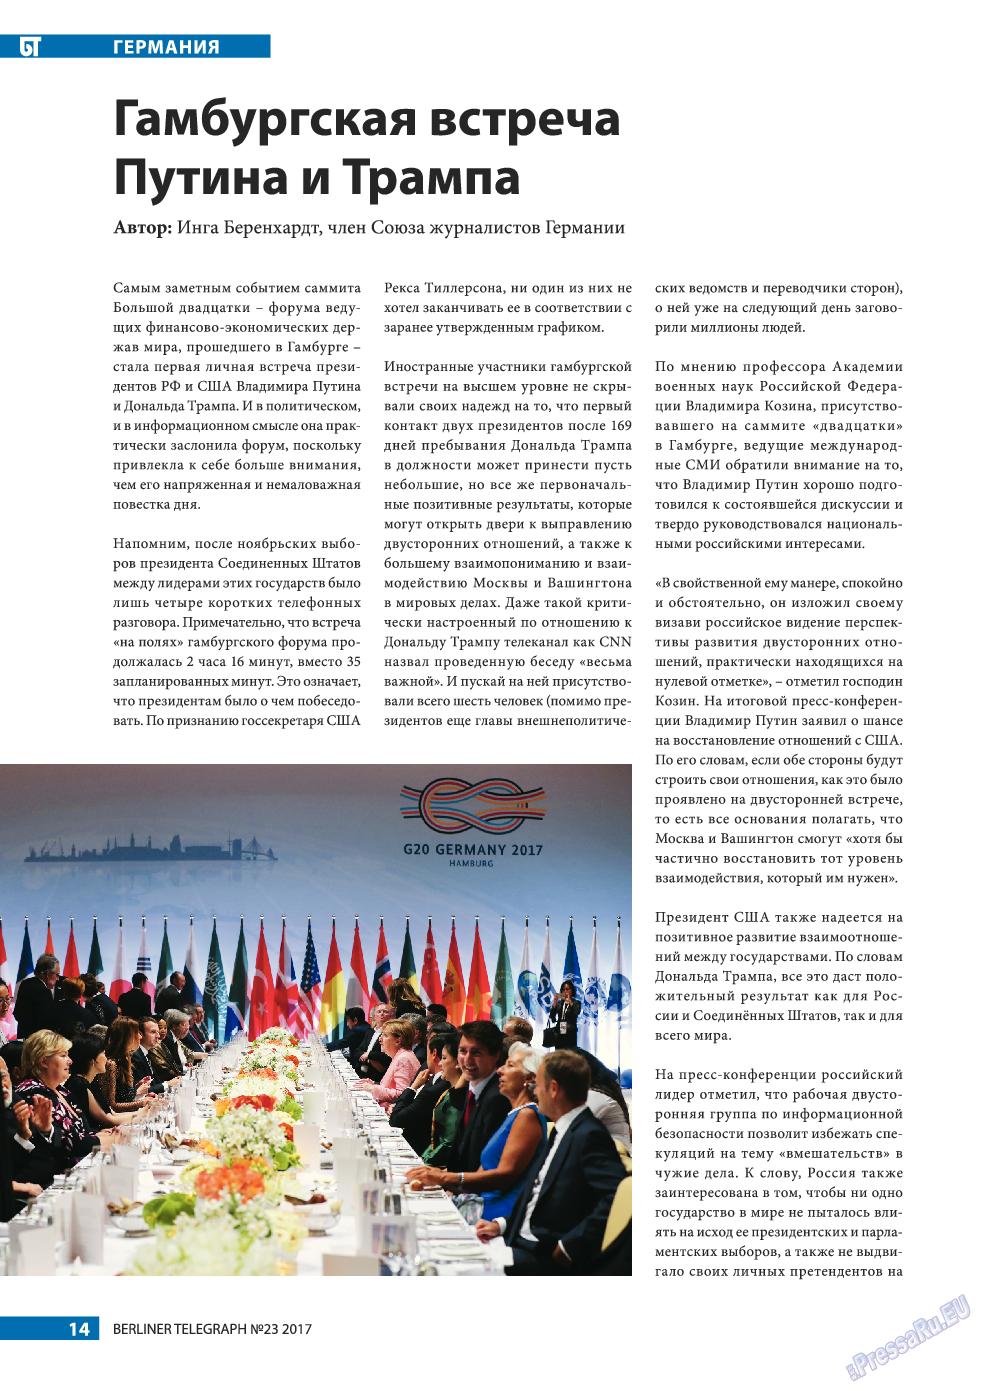 Берлинский телеграф (журнал). 2017 год, номер 23, стр. 14